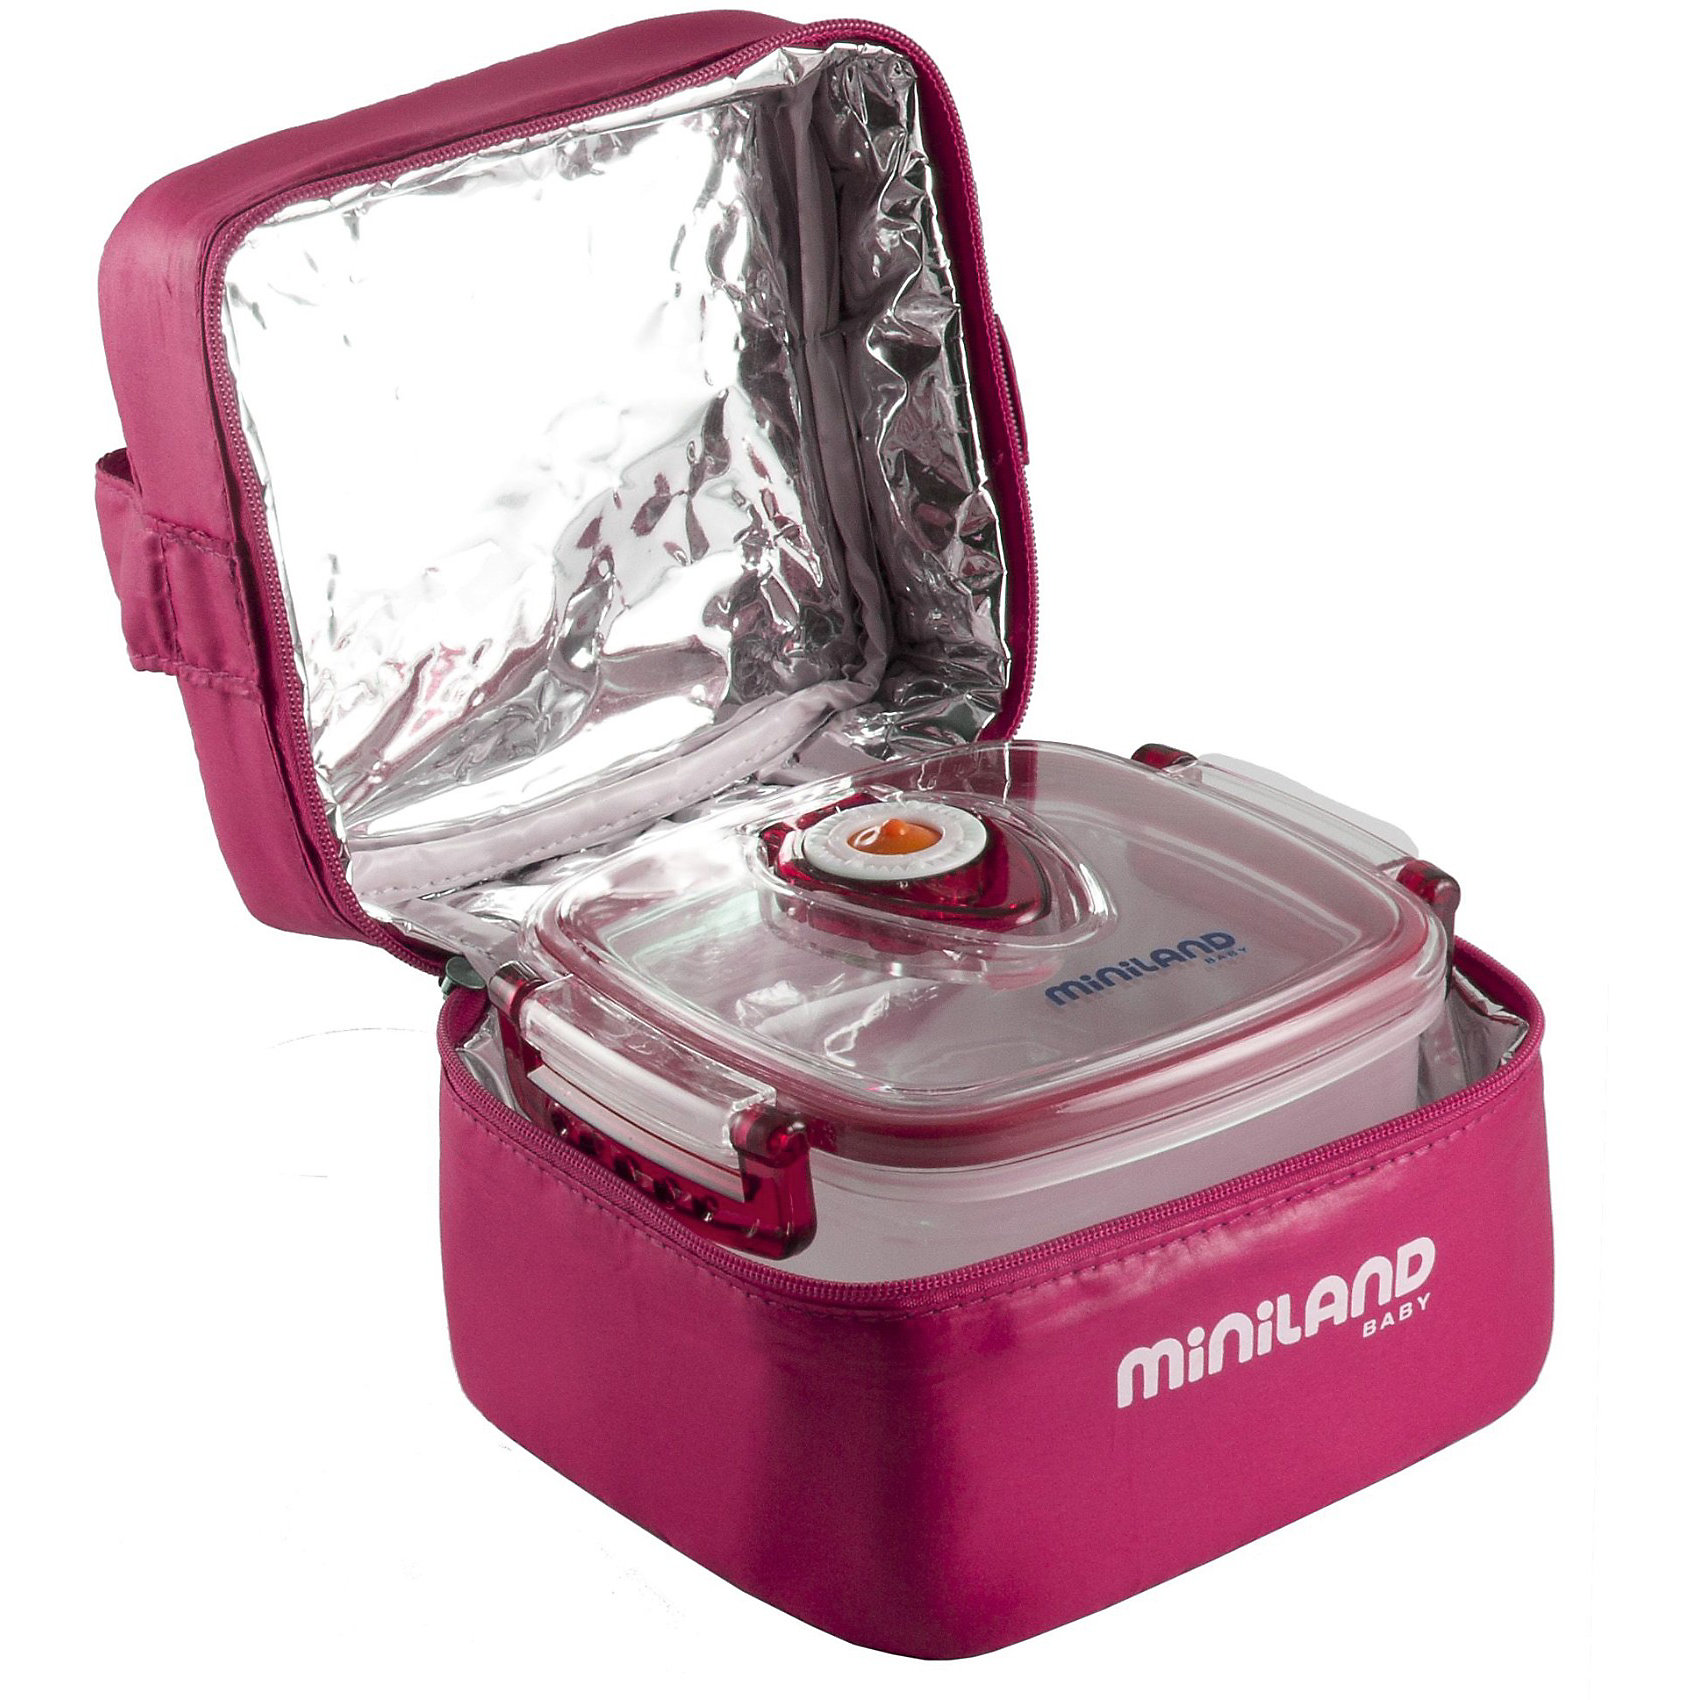 Термосумка с 2-мя вакуумными контейнерами, HERMIFRESH, розовыйТермосумки и термосы<br>Удобная и практичная Термосумка Hermifresh поможет Вам накормить малыша во время прогулок и путешествий в любом месте. Сумка изготовлена плотного термоматериала, который помогает поддерживать нужную температуру пищи в течение длительного периода времени. Внутри сумки 2 герметичных контейнера, которые отлично подойдут для хранения детского питания, пюре и каш, они оснащены системой вытяжки воздуха с помощью воздушного клапана. Контейнеры можно извлечь из сумки и замораживать в холодильнике, разогревать в микроволновой печи и мыть в посудомоечной машине.<br>Сумка застегивается на молнию, имеются большой карман, удобная ручка для транспортировки и липучки для крепления к коляске или сумке.  <br><br>Дополнительная информация:<br><br>- В комплекте: термосумка и 2 вакуумных контейнера.<br>- Цвет: розовый.<br>- Материал: плотный термоматериал, пластик.<br>- Объем контейнера: 330 мл.<br>- Размеры сумки: 16 х 13 х 11 см.<br>- Размер контейнера: 13,5 х 12 х 4,5 см.<br>- Вес: 0,4 кг.<br><br>Термосумку с 2-мя вакуумными контейнерами Pack-2-Go Hermifresh можно купить в нашем интернет-магазине.<br><br>Ширина мм: 154<br>Глубина мм: 135<br>Высота мм: 118<br>Вес г: 353<br>Цвет: розовый<br>Возраст от месяцев: 0<br>Возраст до месяцев: 23<br>Пол: Унисекс<br>Возраст: Детский<br>SKU: 3827594